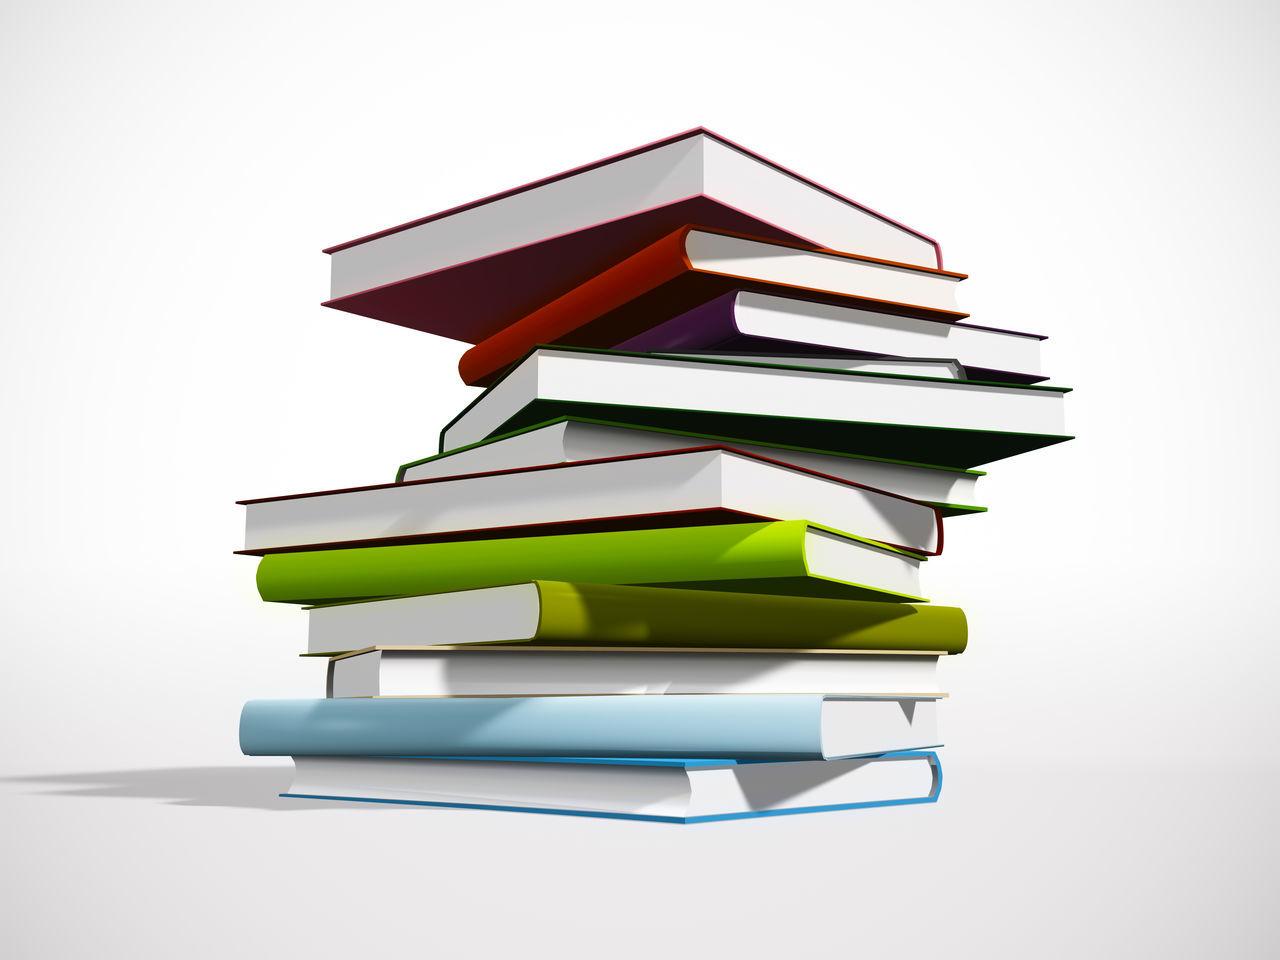 Beautiful stock photos of schule, Balance, Book, Close-Up, Cut Out